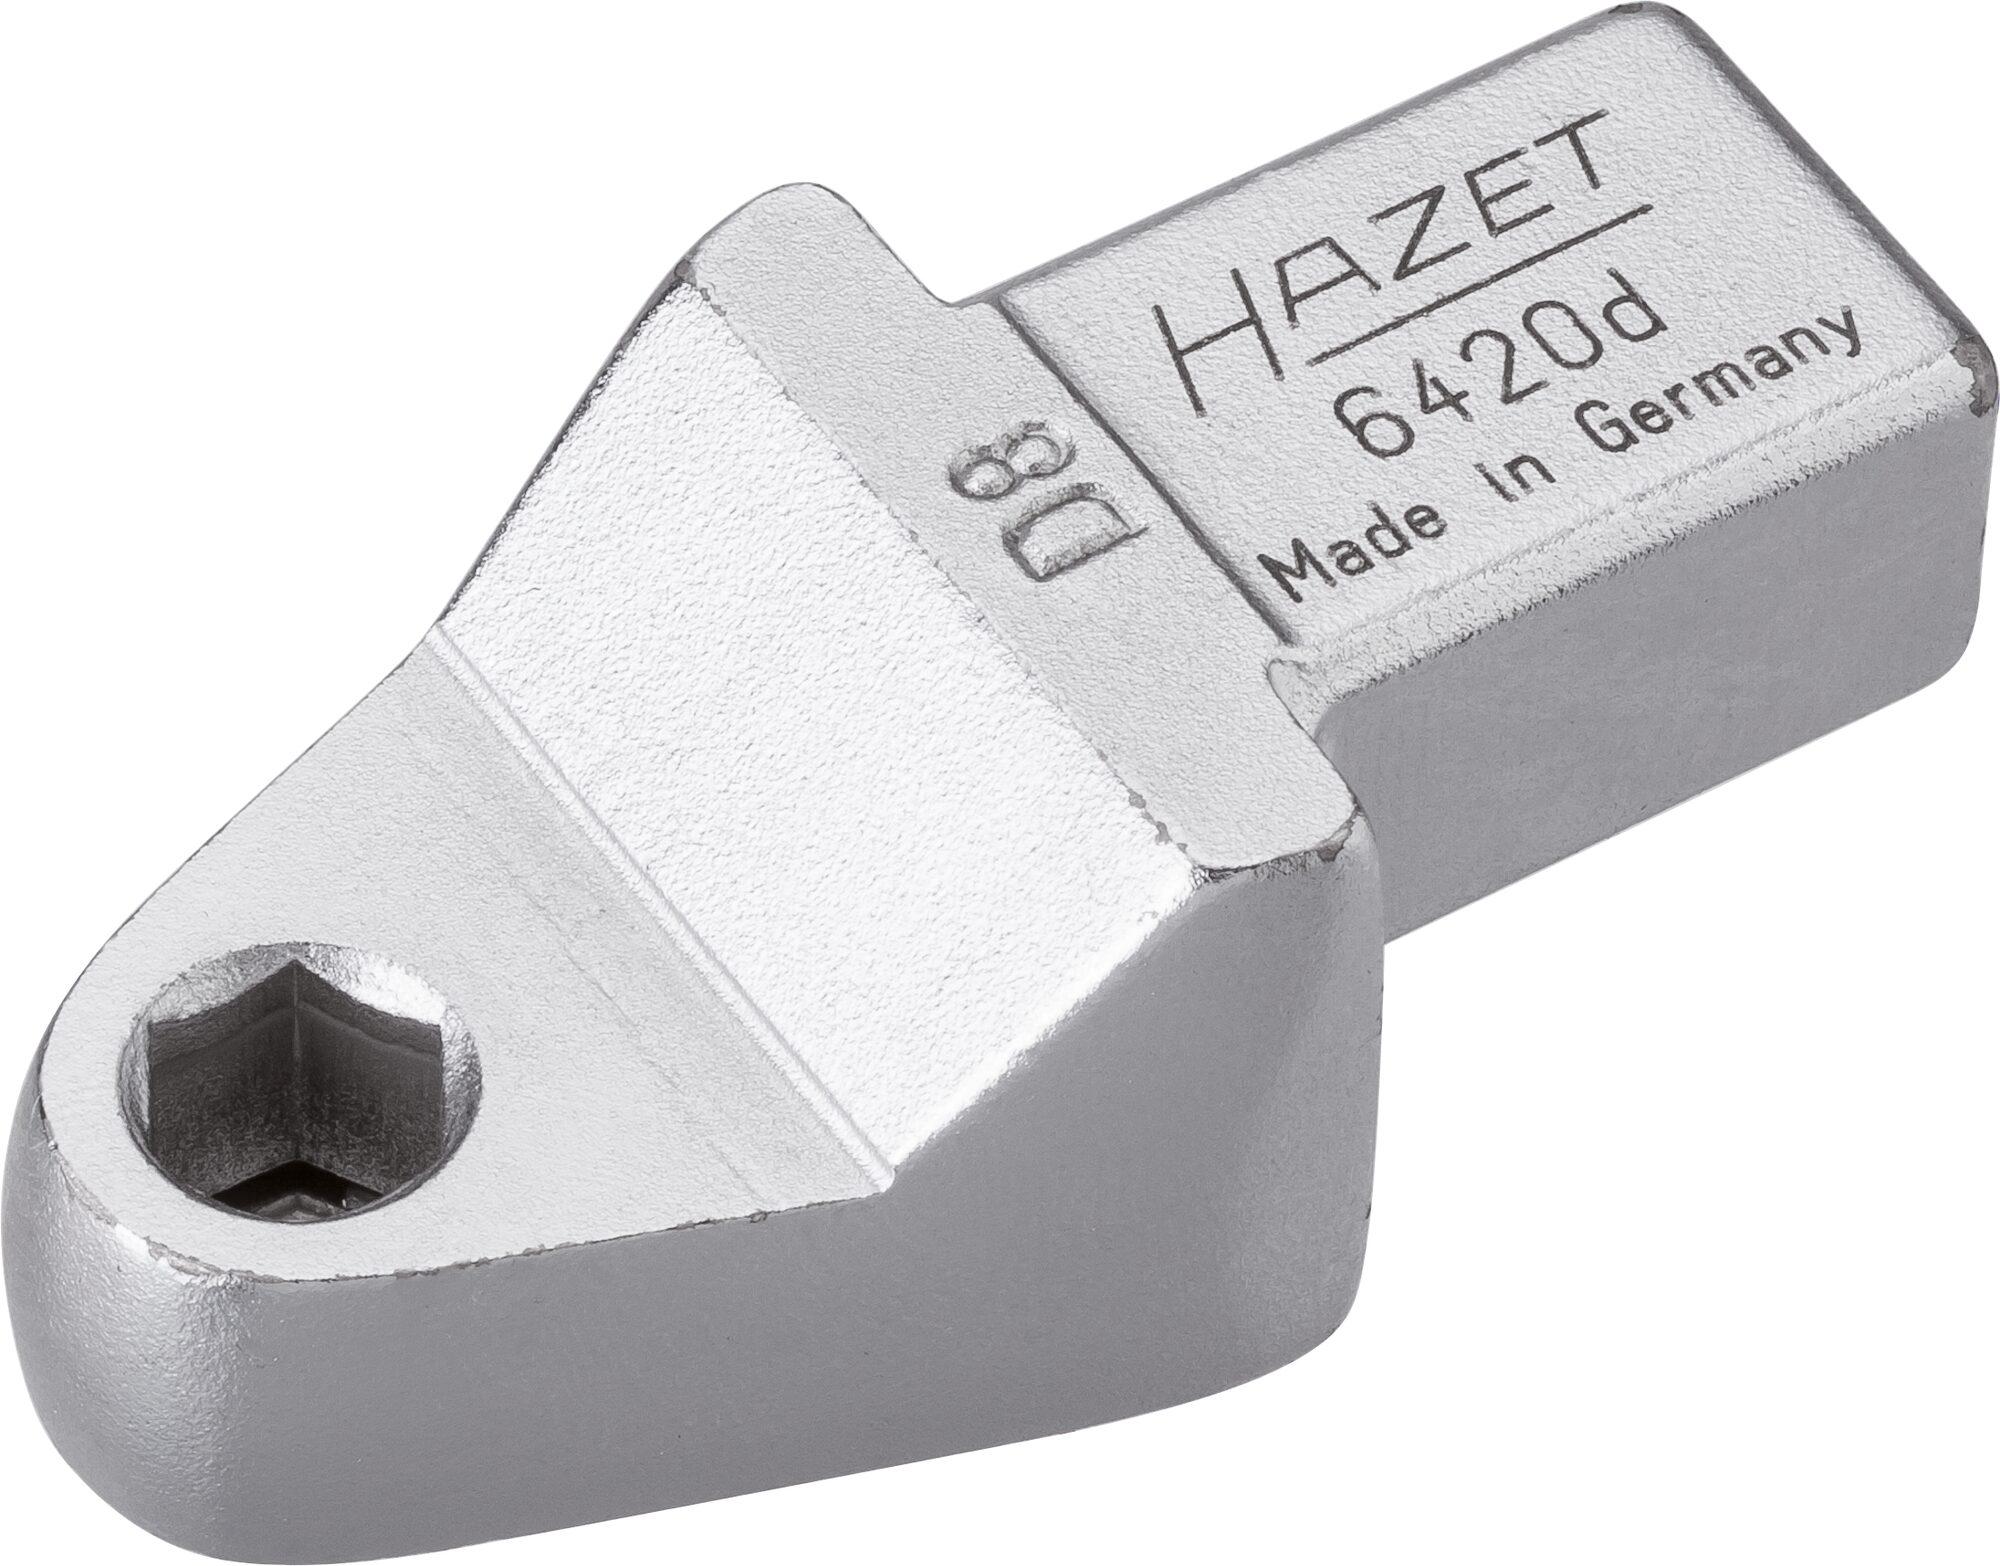 HAZET Einsteck-Halter für Bits 6420D ∙ Einsteck-Vierkant 14 x 18 mm ∙ Sechskant hohl 8 mm (5/16 Zoll)